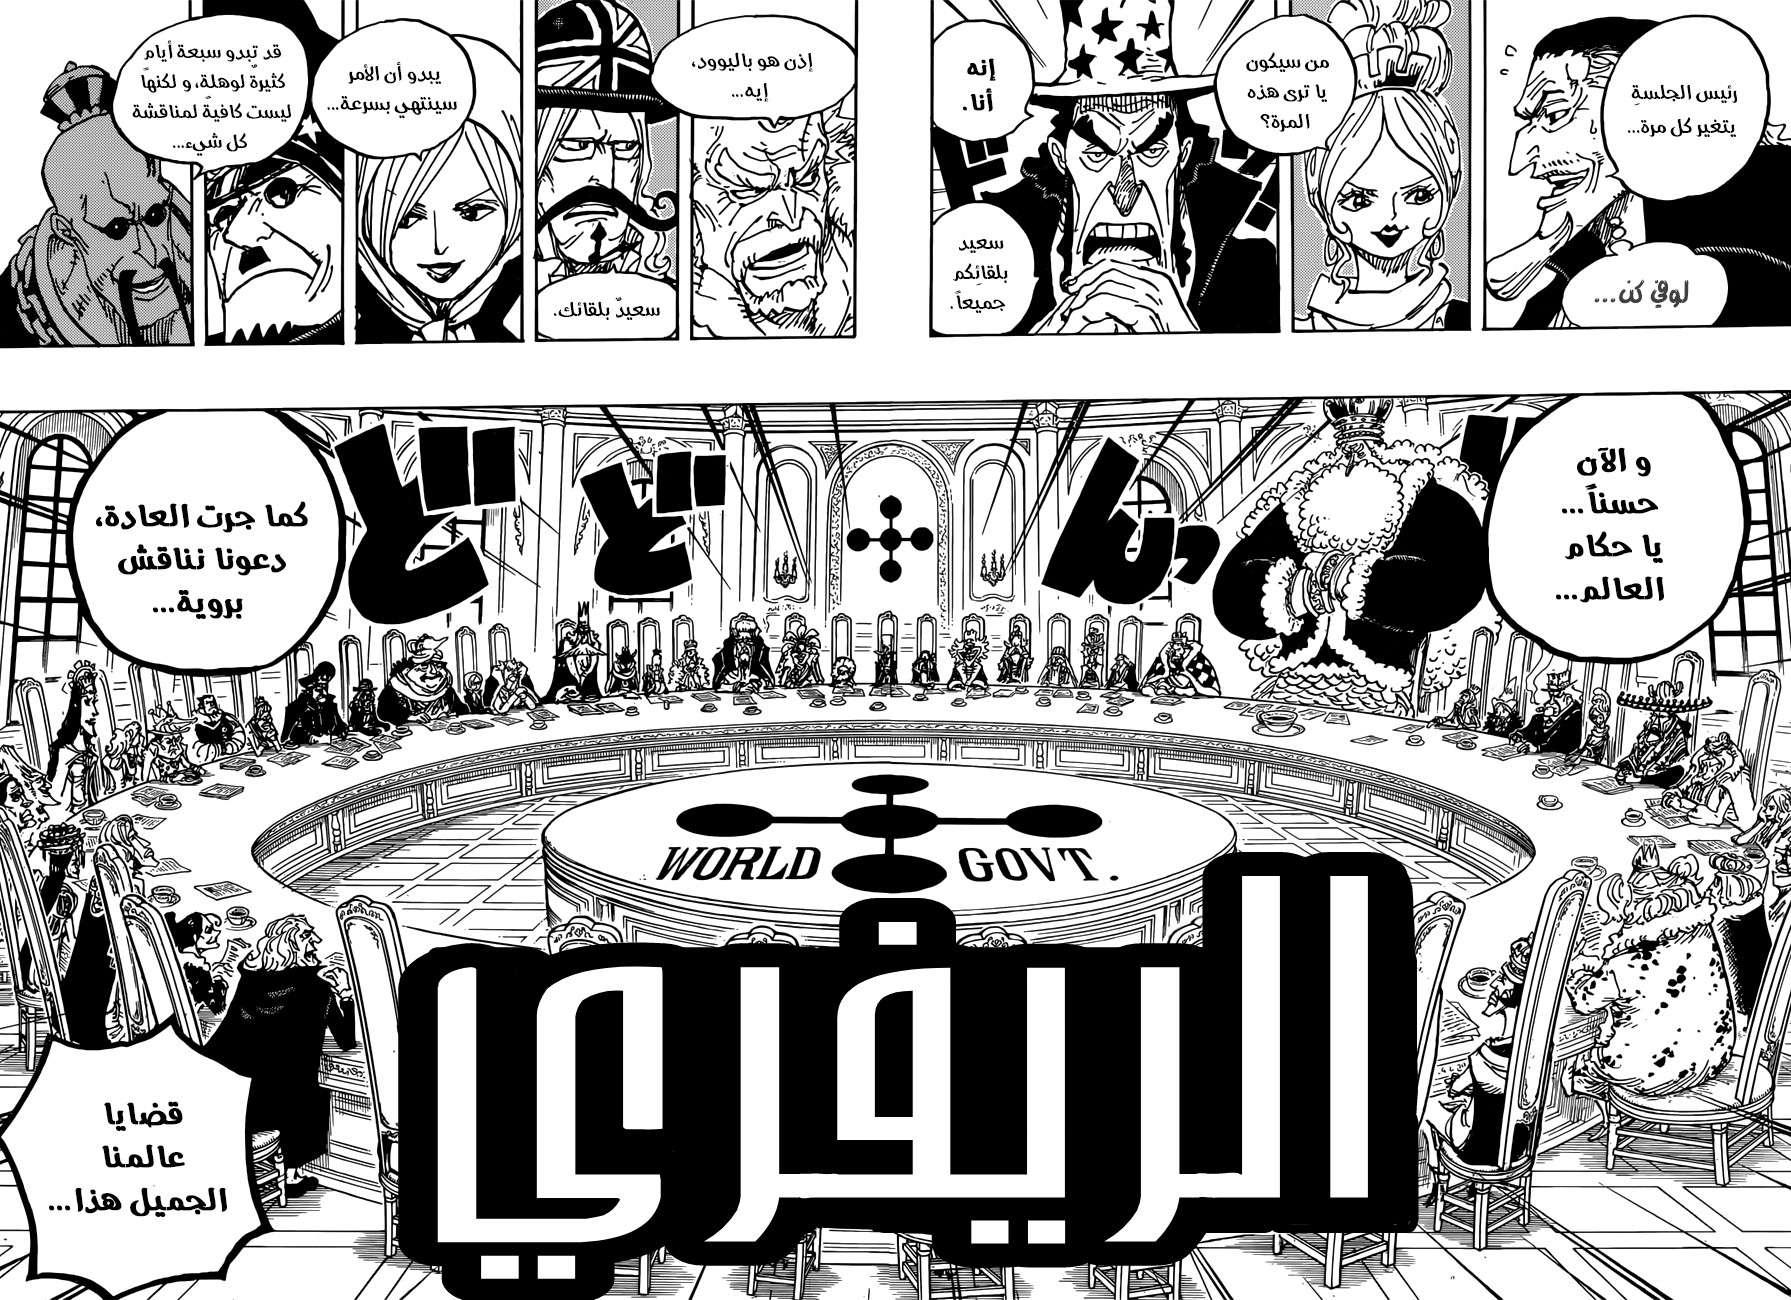 مانجا One Piece 908 - مترجم - 14